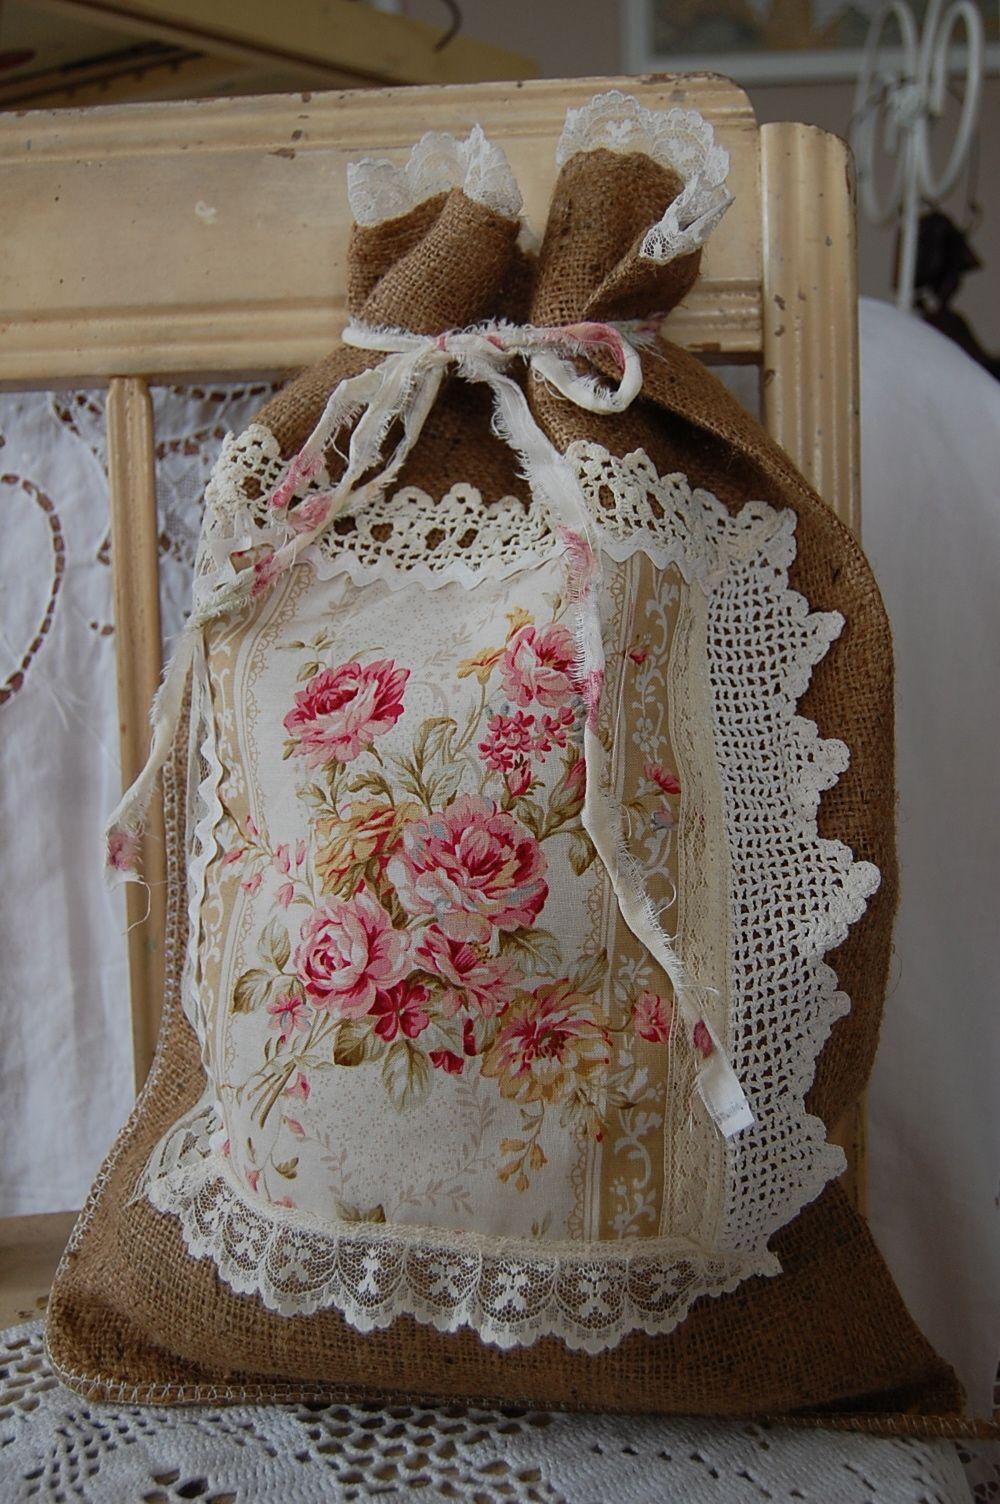 Burlap bag vintage hanky lace makes a pretty bag or